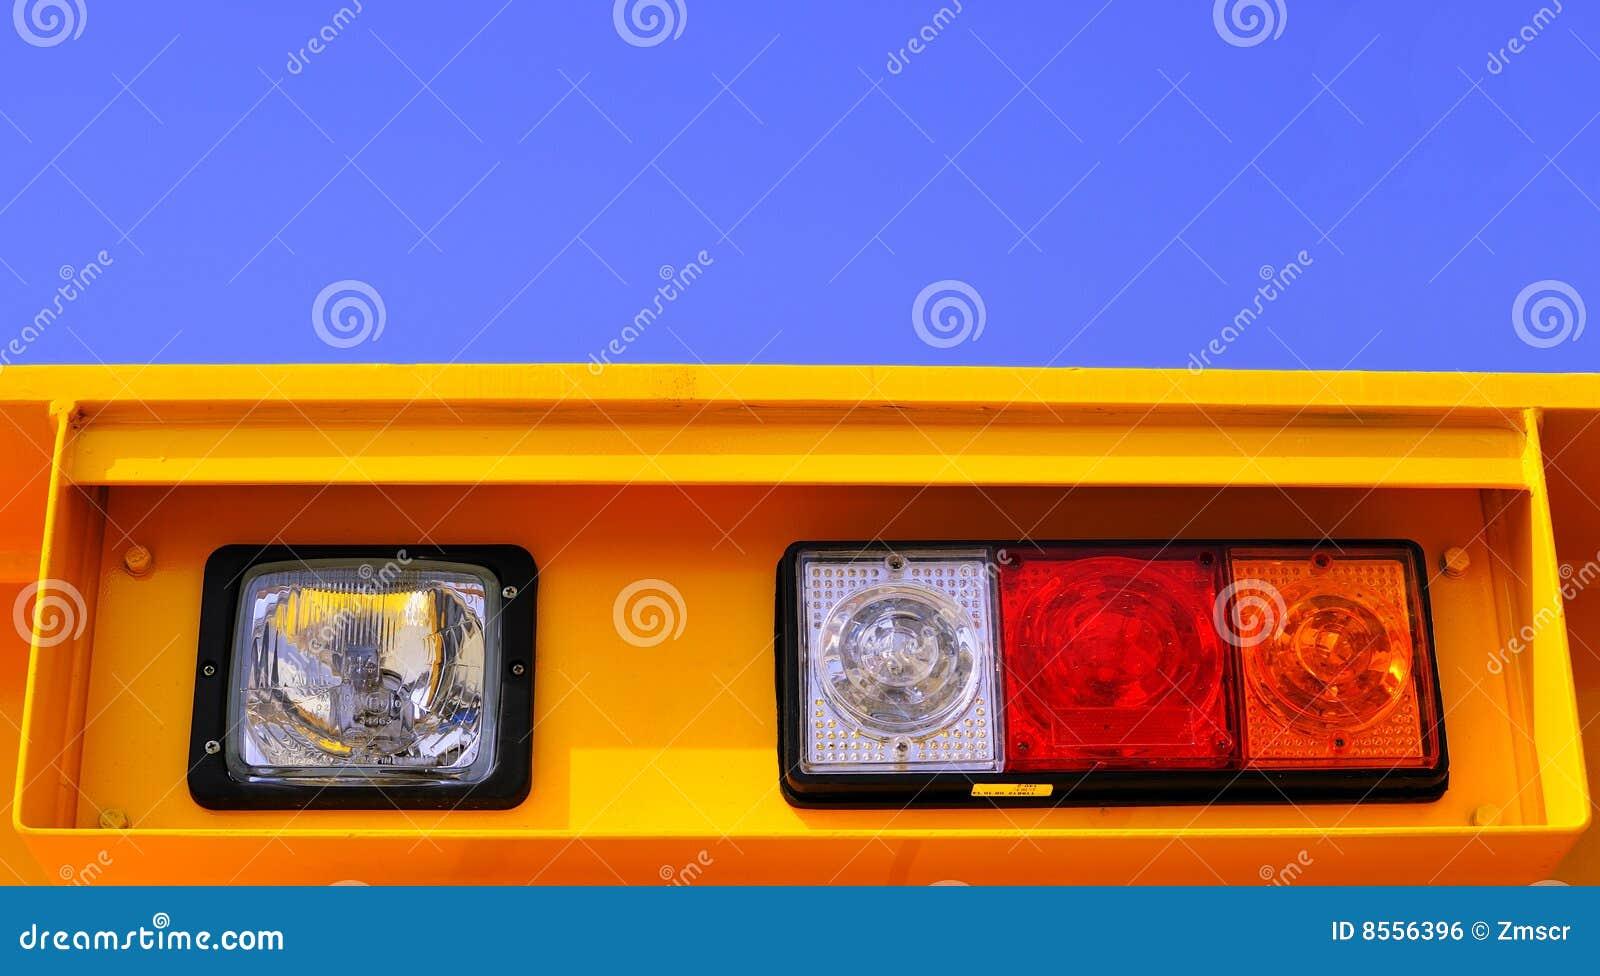 Strålkastare för ljus signalering